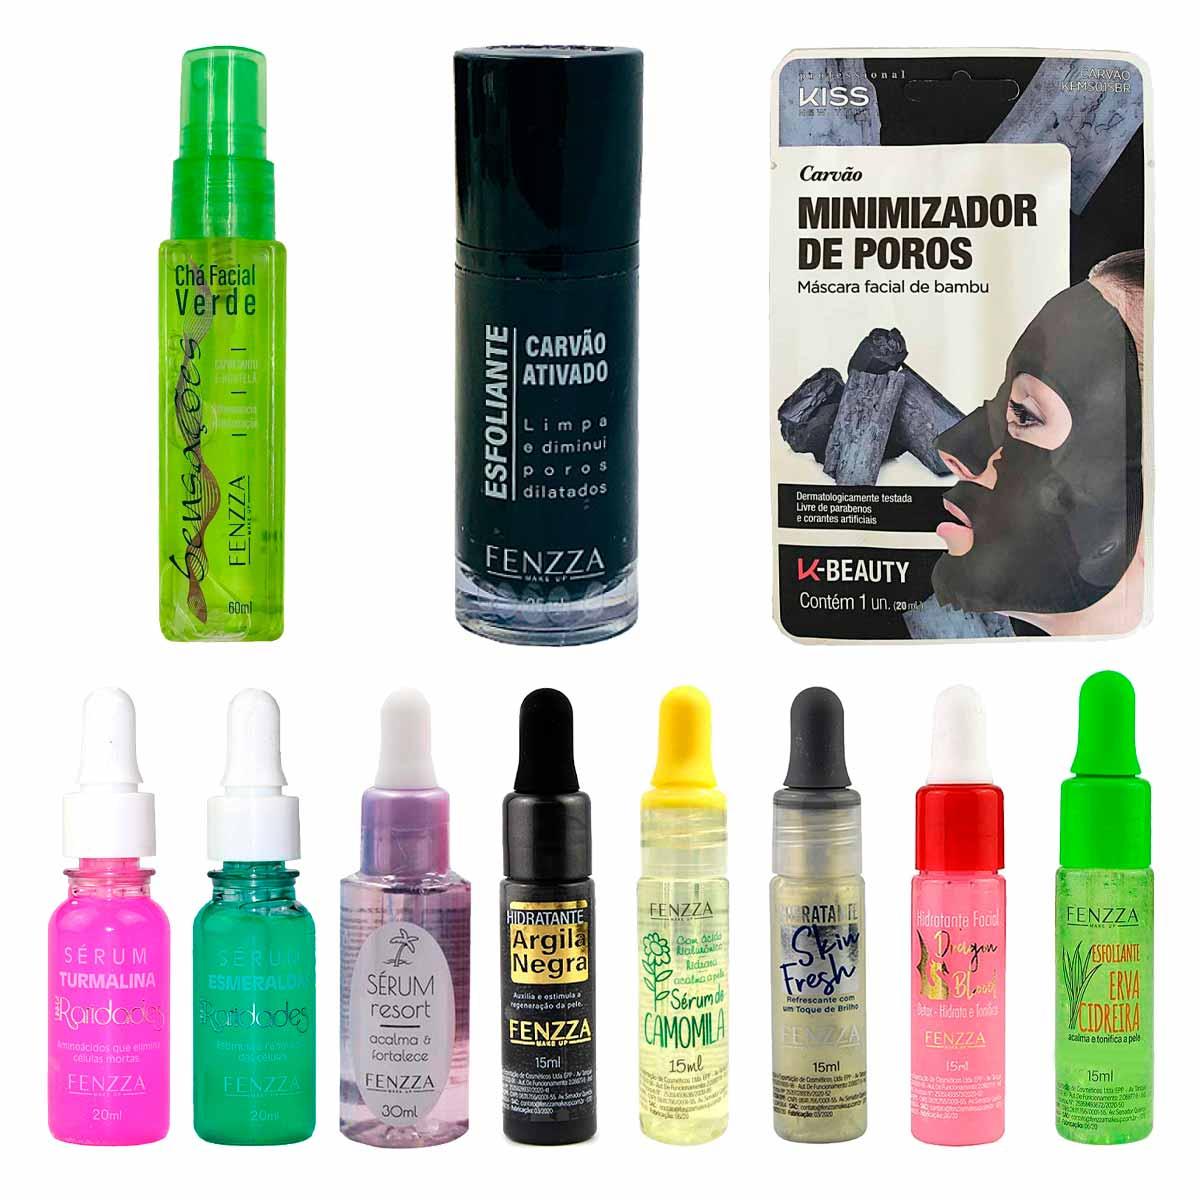 Kit de Maquiagem e Skin Care 4